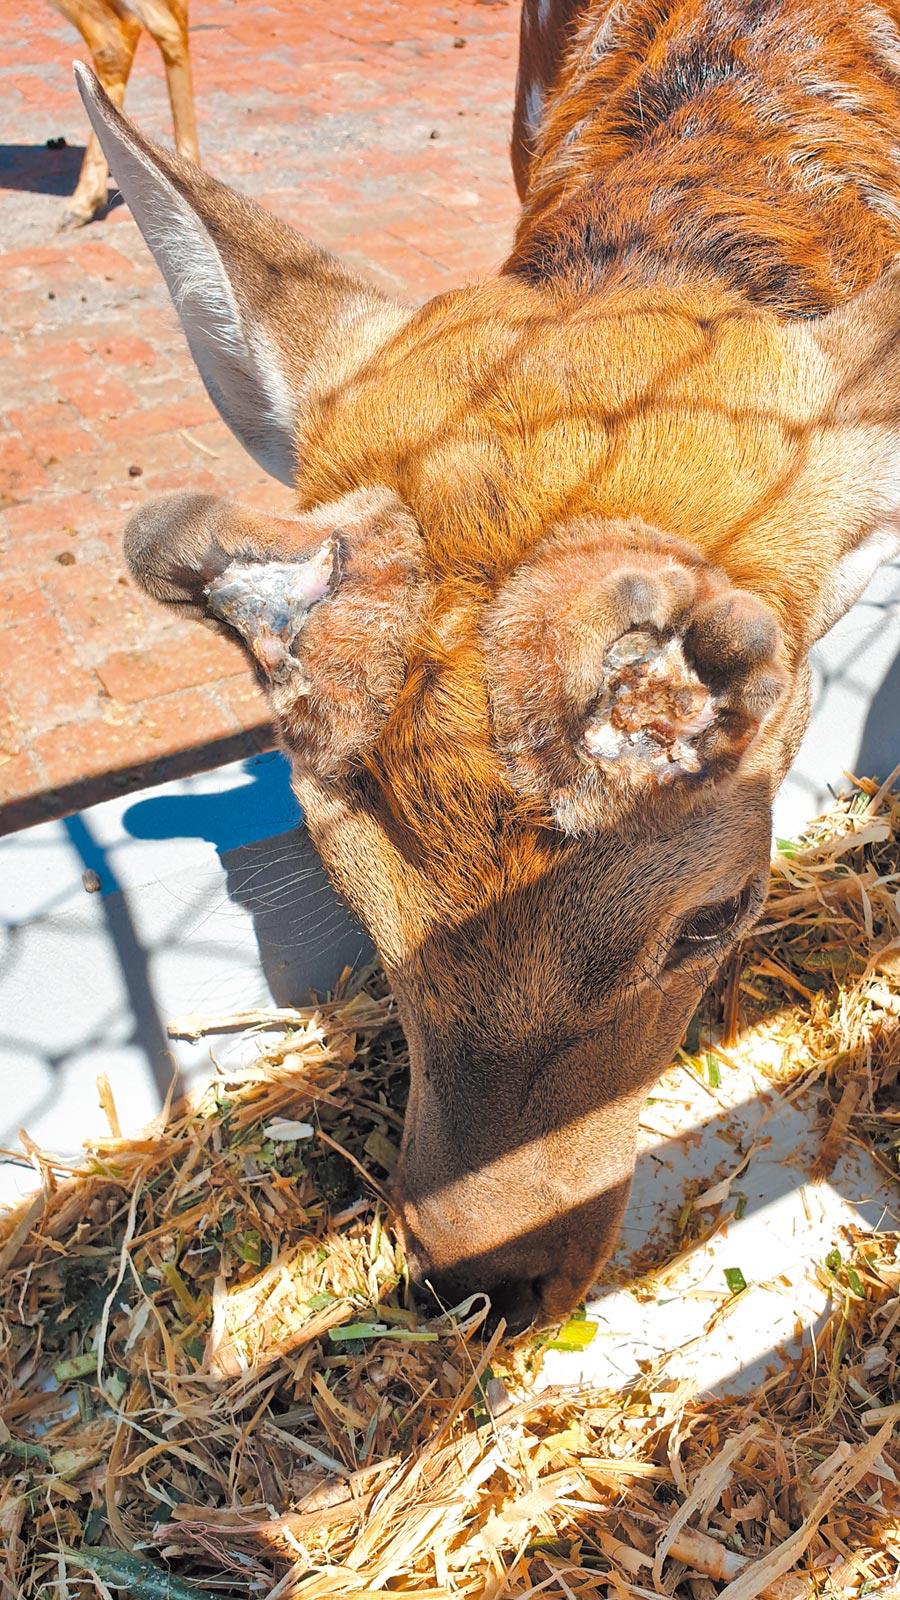 鹿茸被割取後,傷口結痂的雄鹿。(記者藍孝威攝)